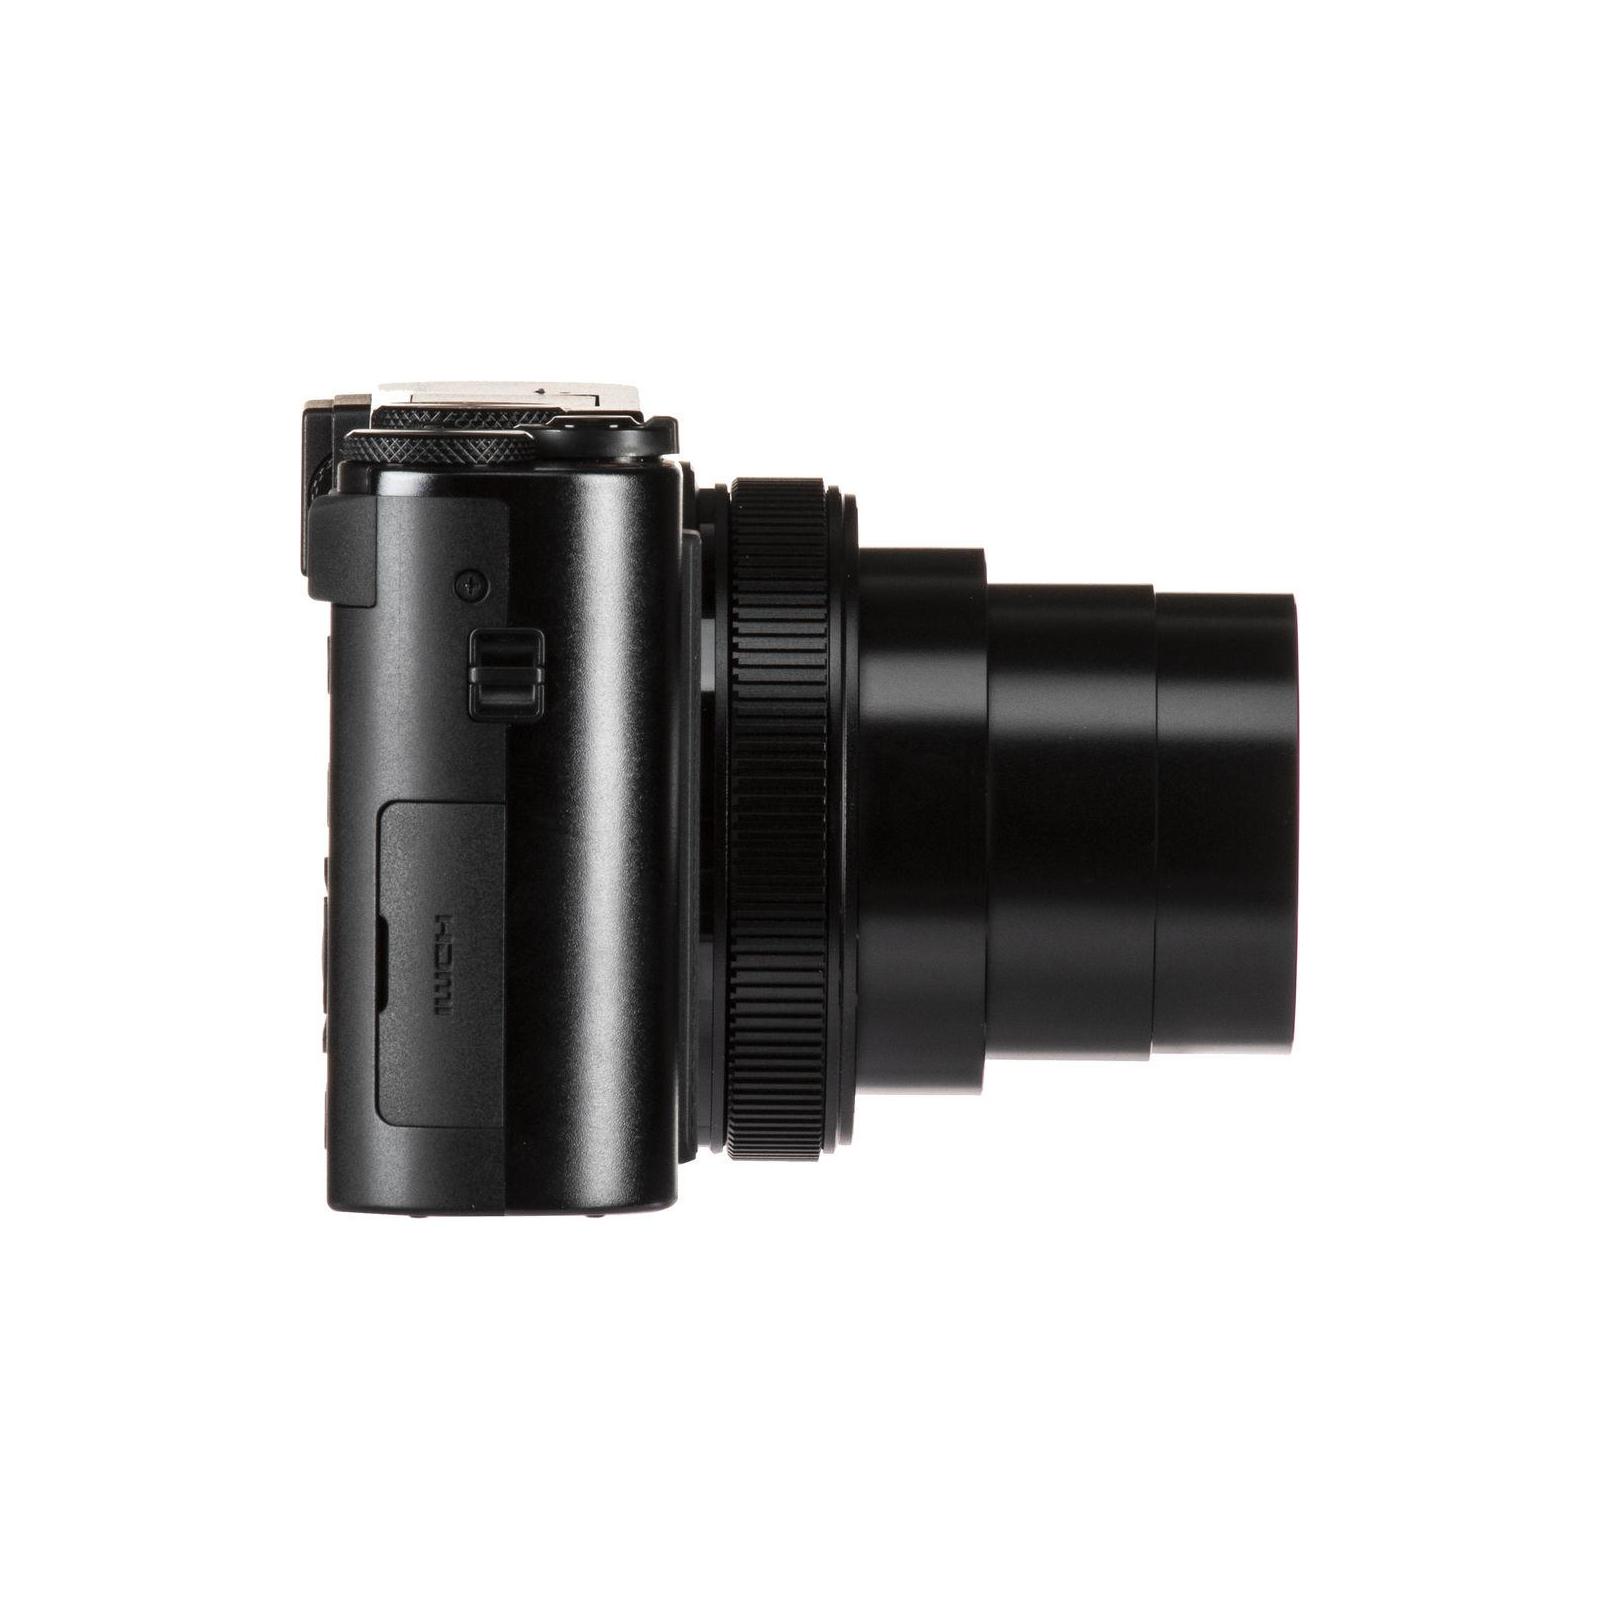 Цифровой фотоаппарат PANASONIC LUMIX DC-TZ200 Black (DC-TZ200EE-K) изображение 6